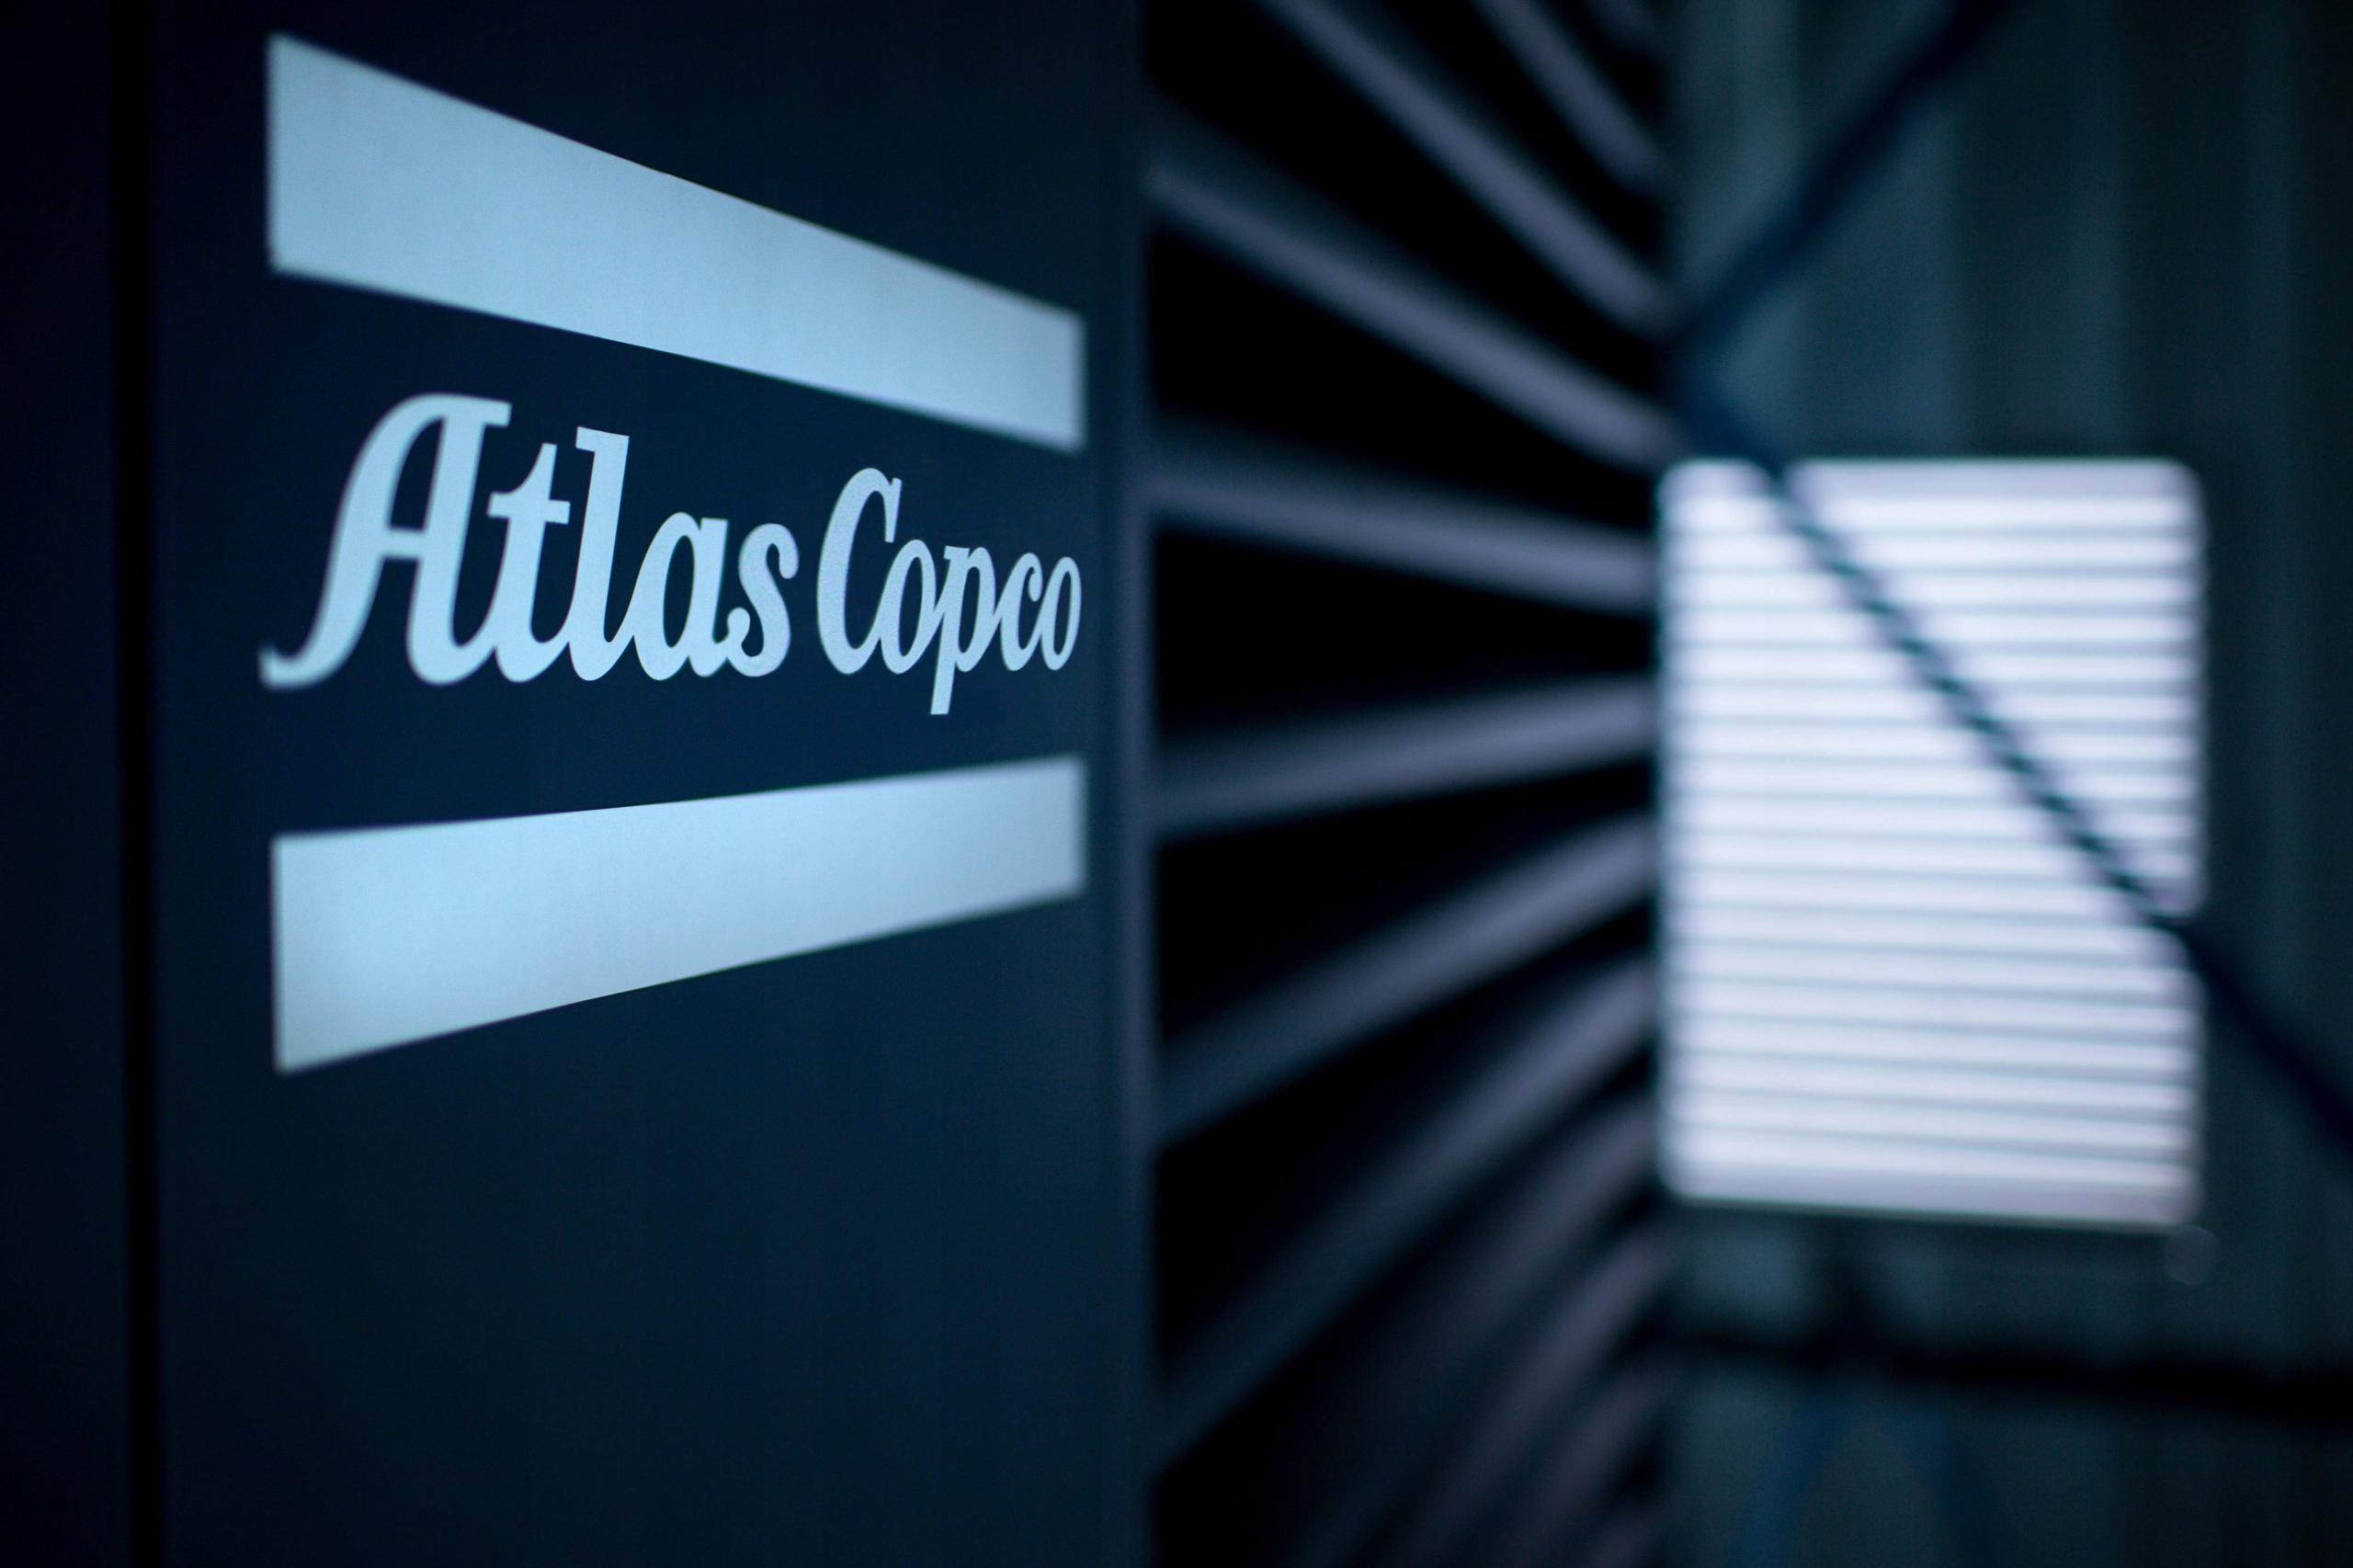 SPRĘŻARKA KOMPRESOR 500L ATLAS COPCO AC 100E 500 T Ciśnienie maksymalne 11 bar